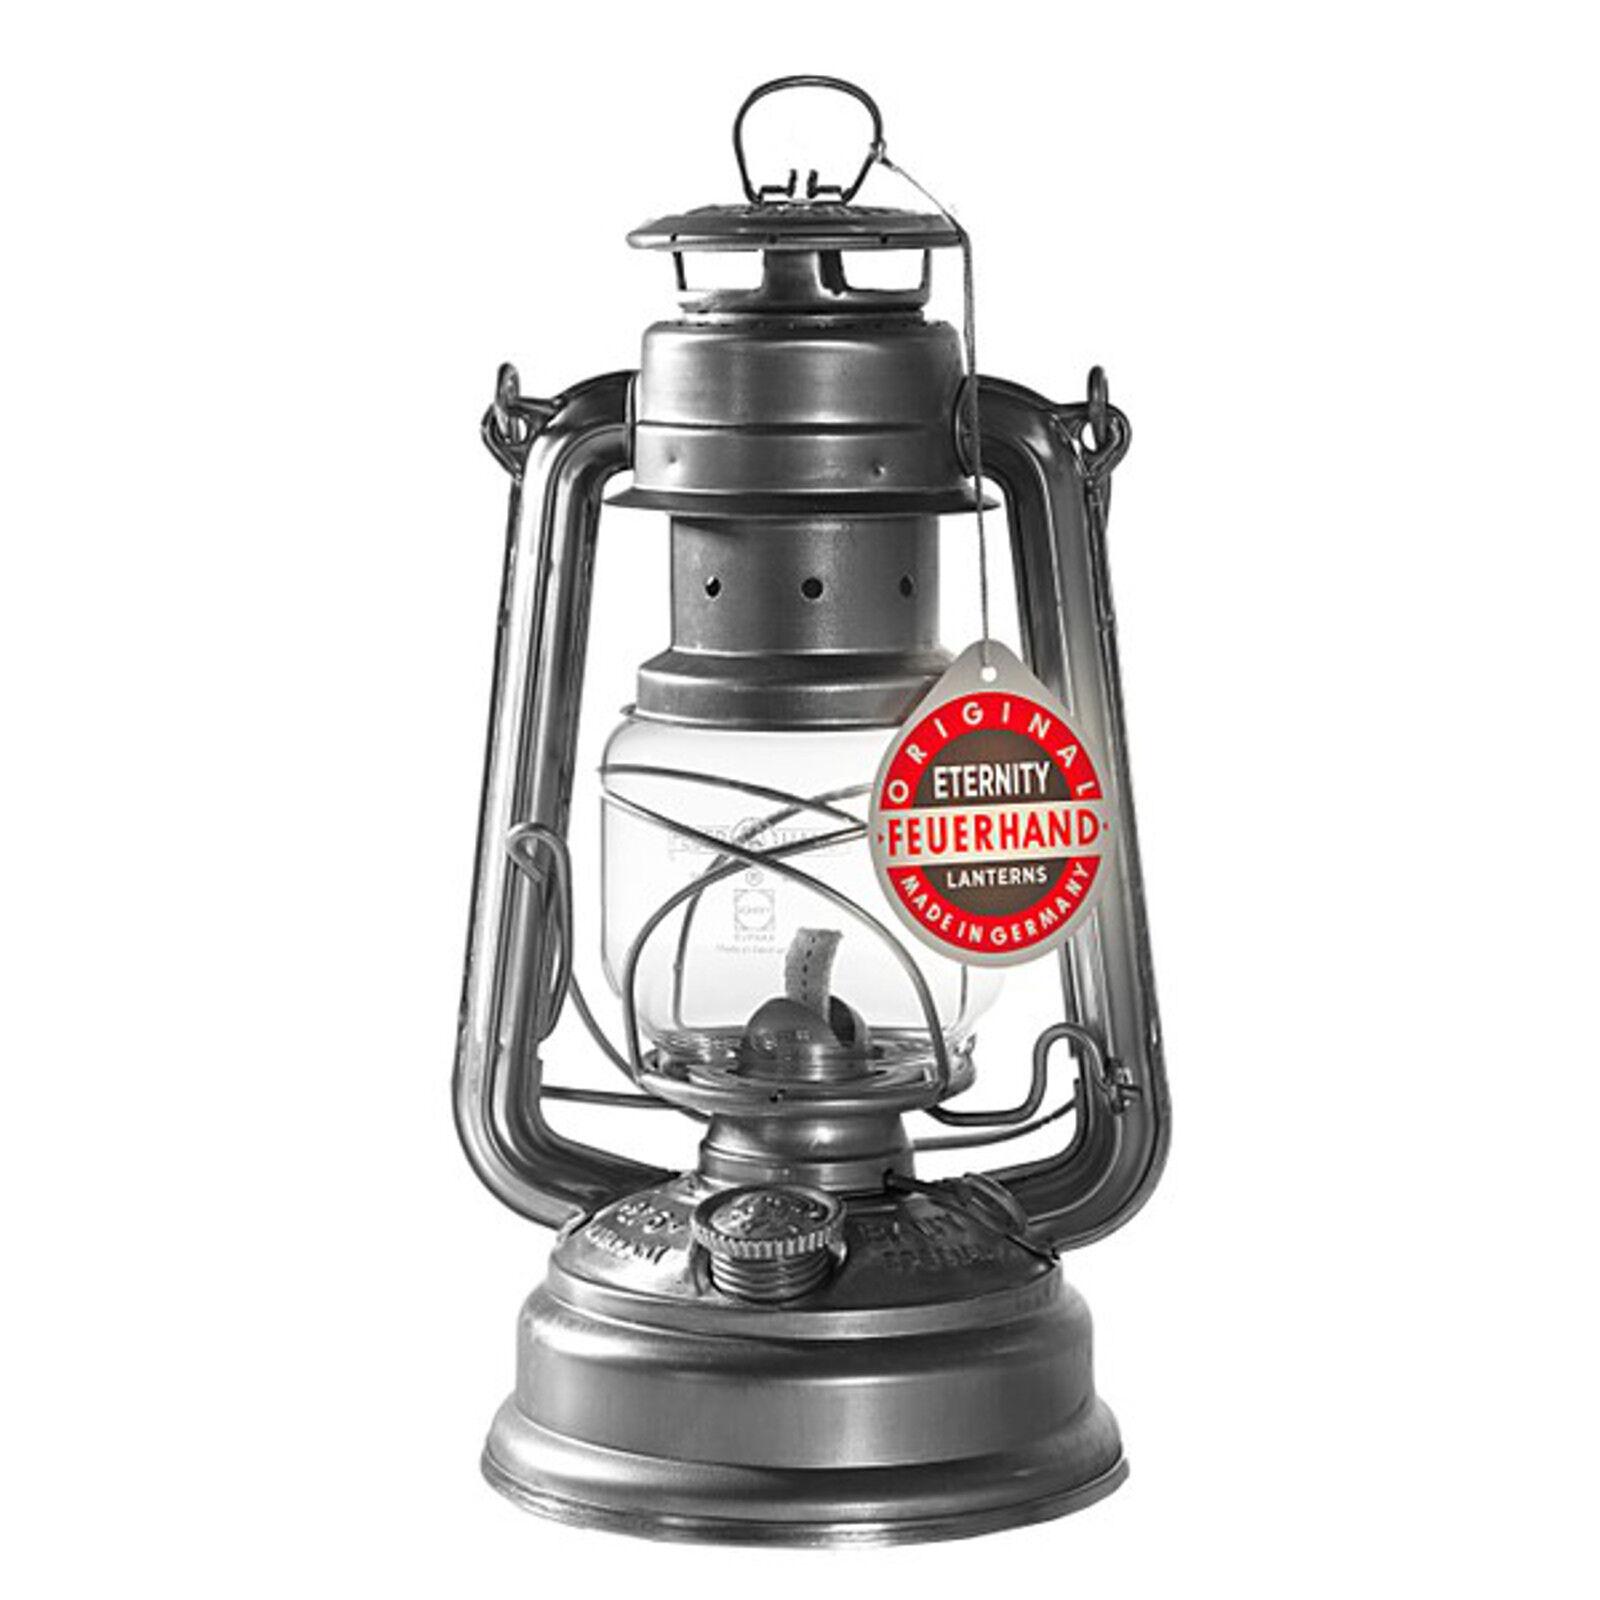 FEUERHAND ® tempête lanterne 276 276 276 Eternity galvanisé rostresistent lampe à pétrole 76537e